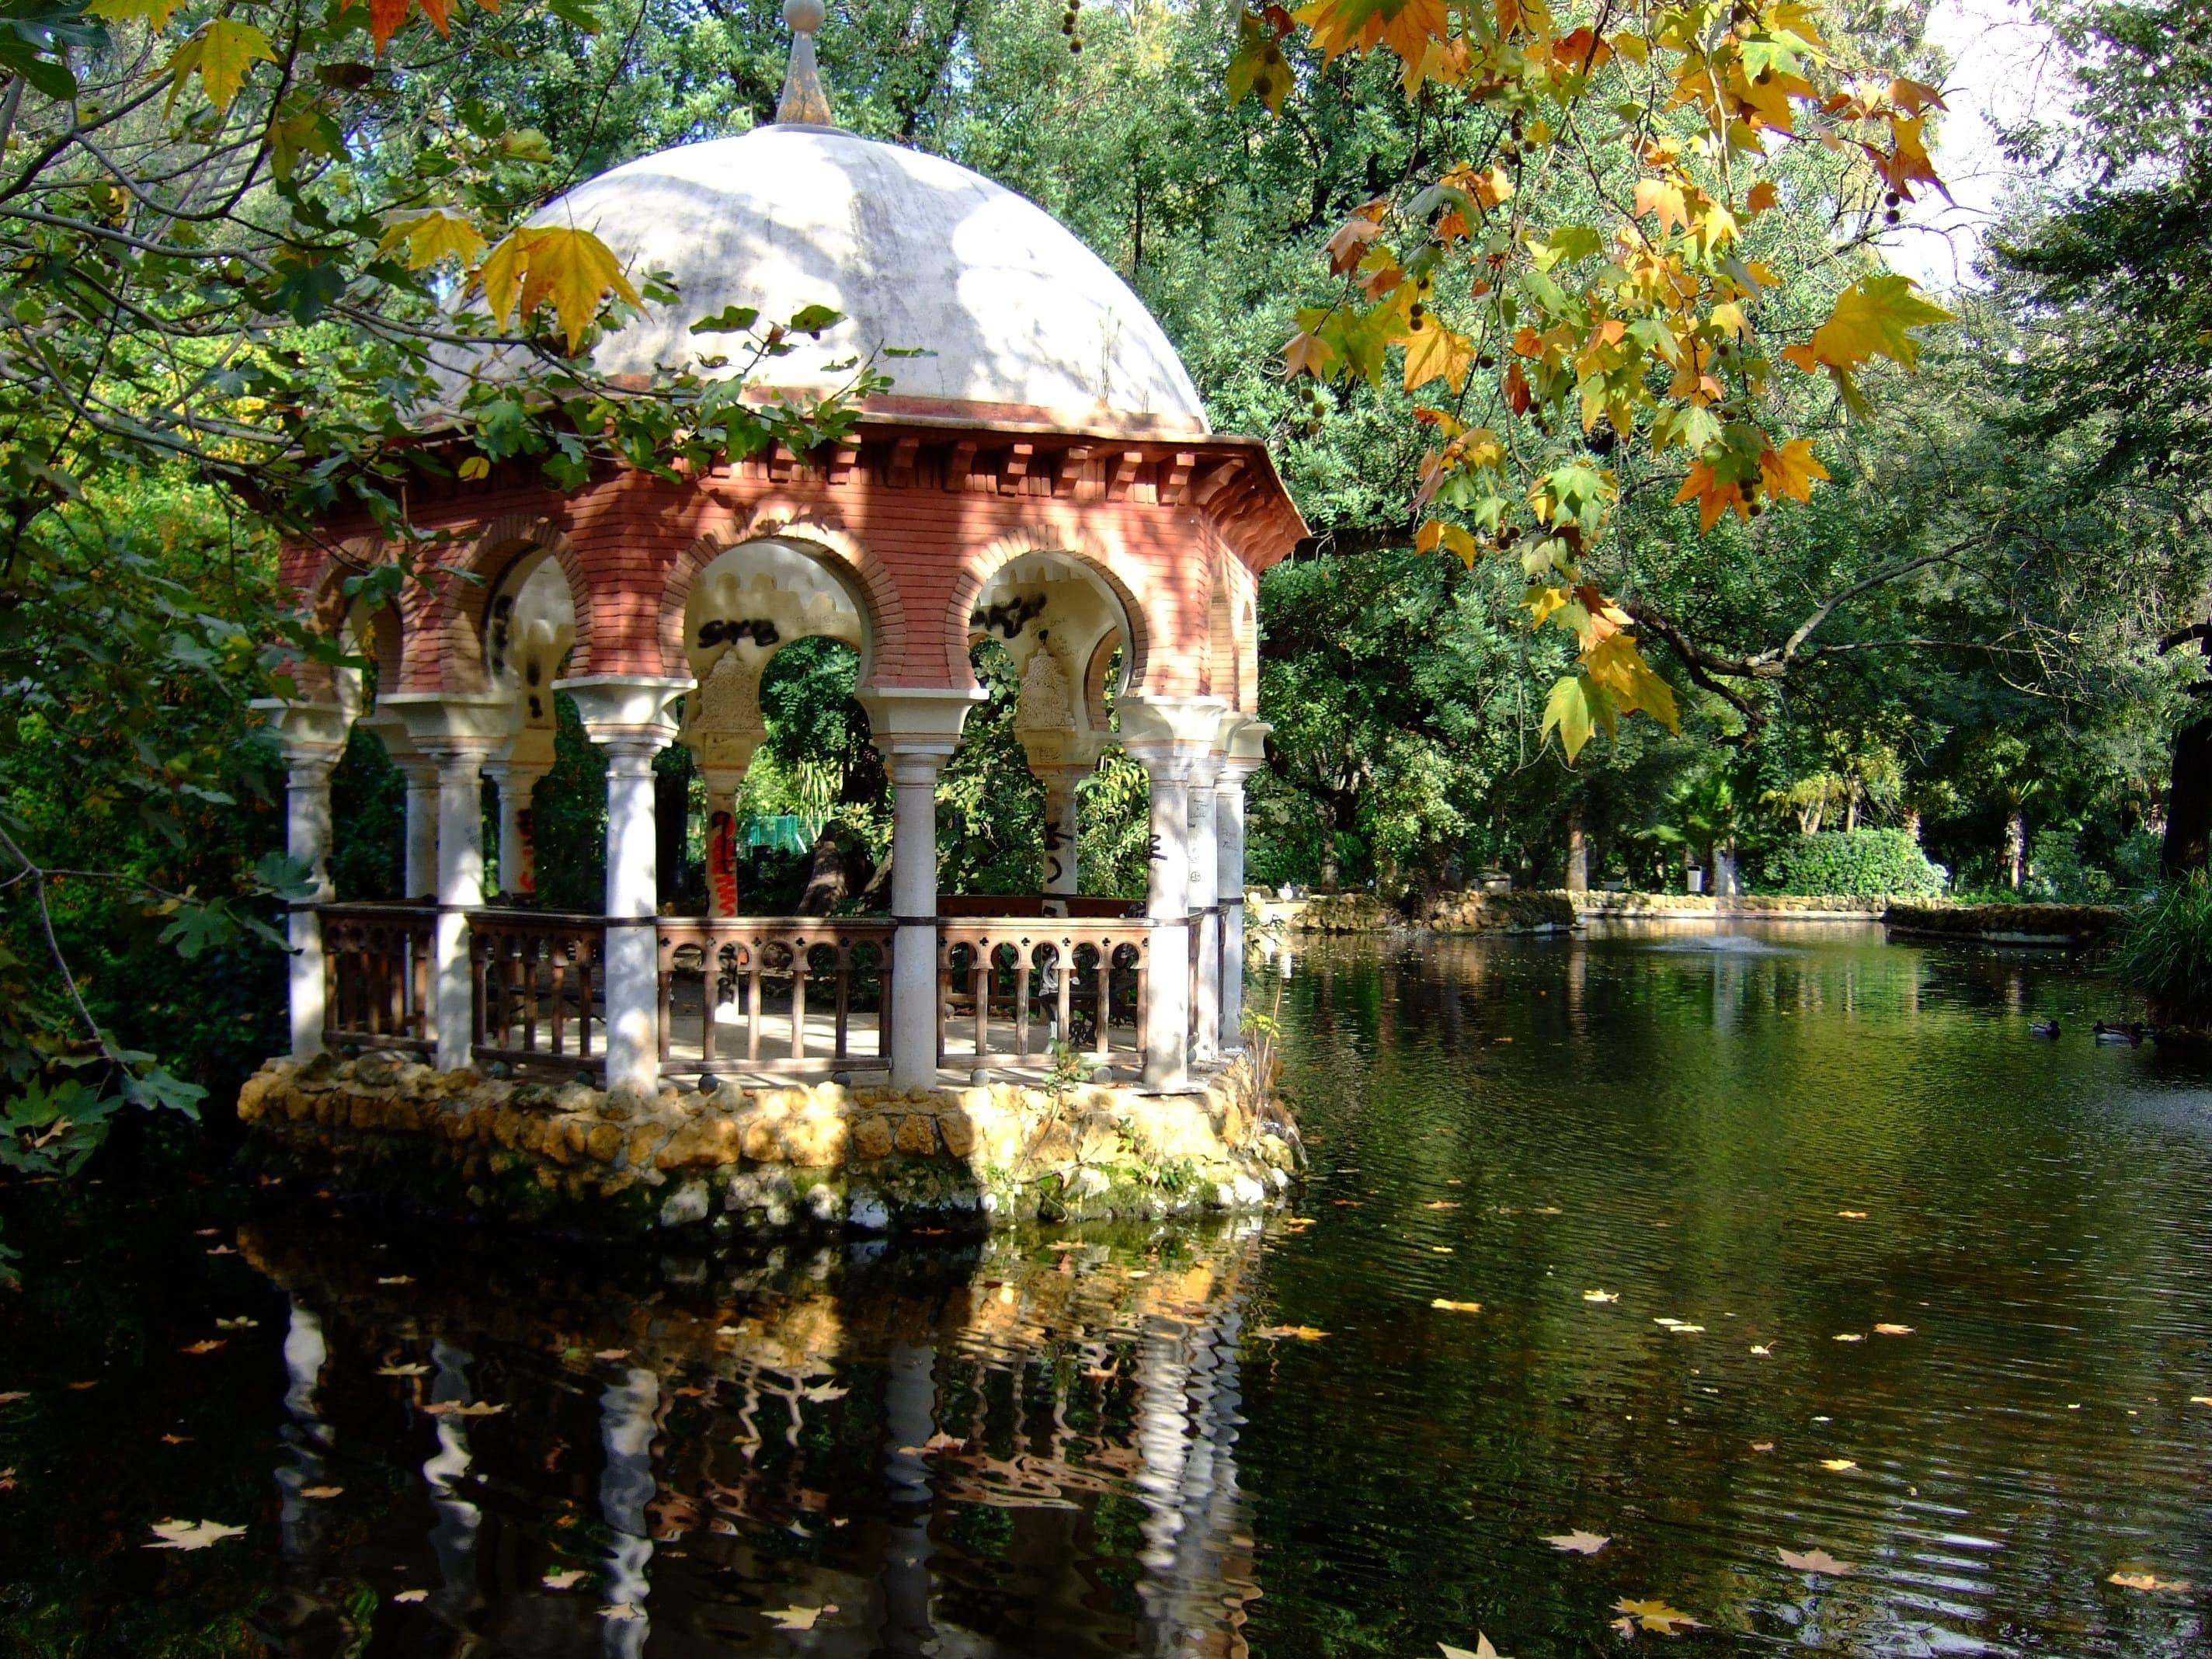 detodounpoco.achl Glorieta-junto-al-lago-en-el-Parque-Maria-Luisa-en-Sevilla